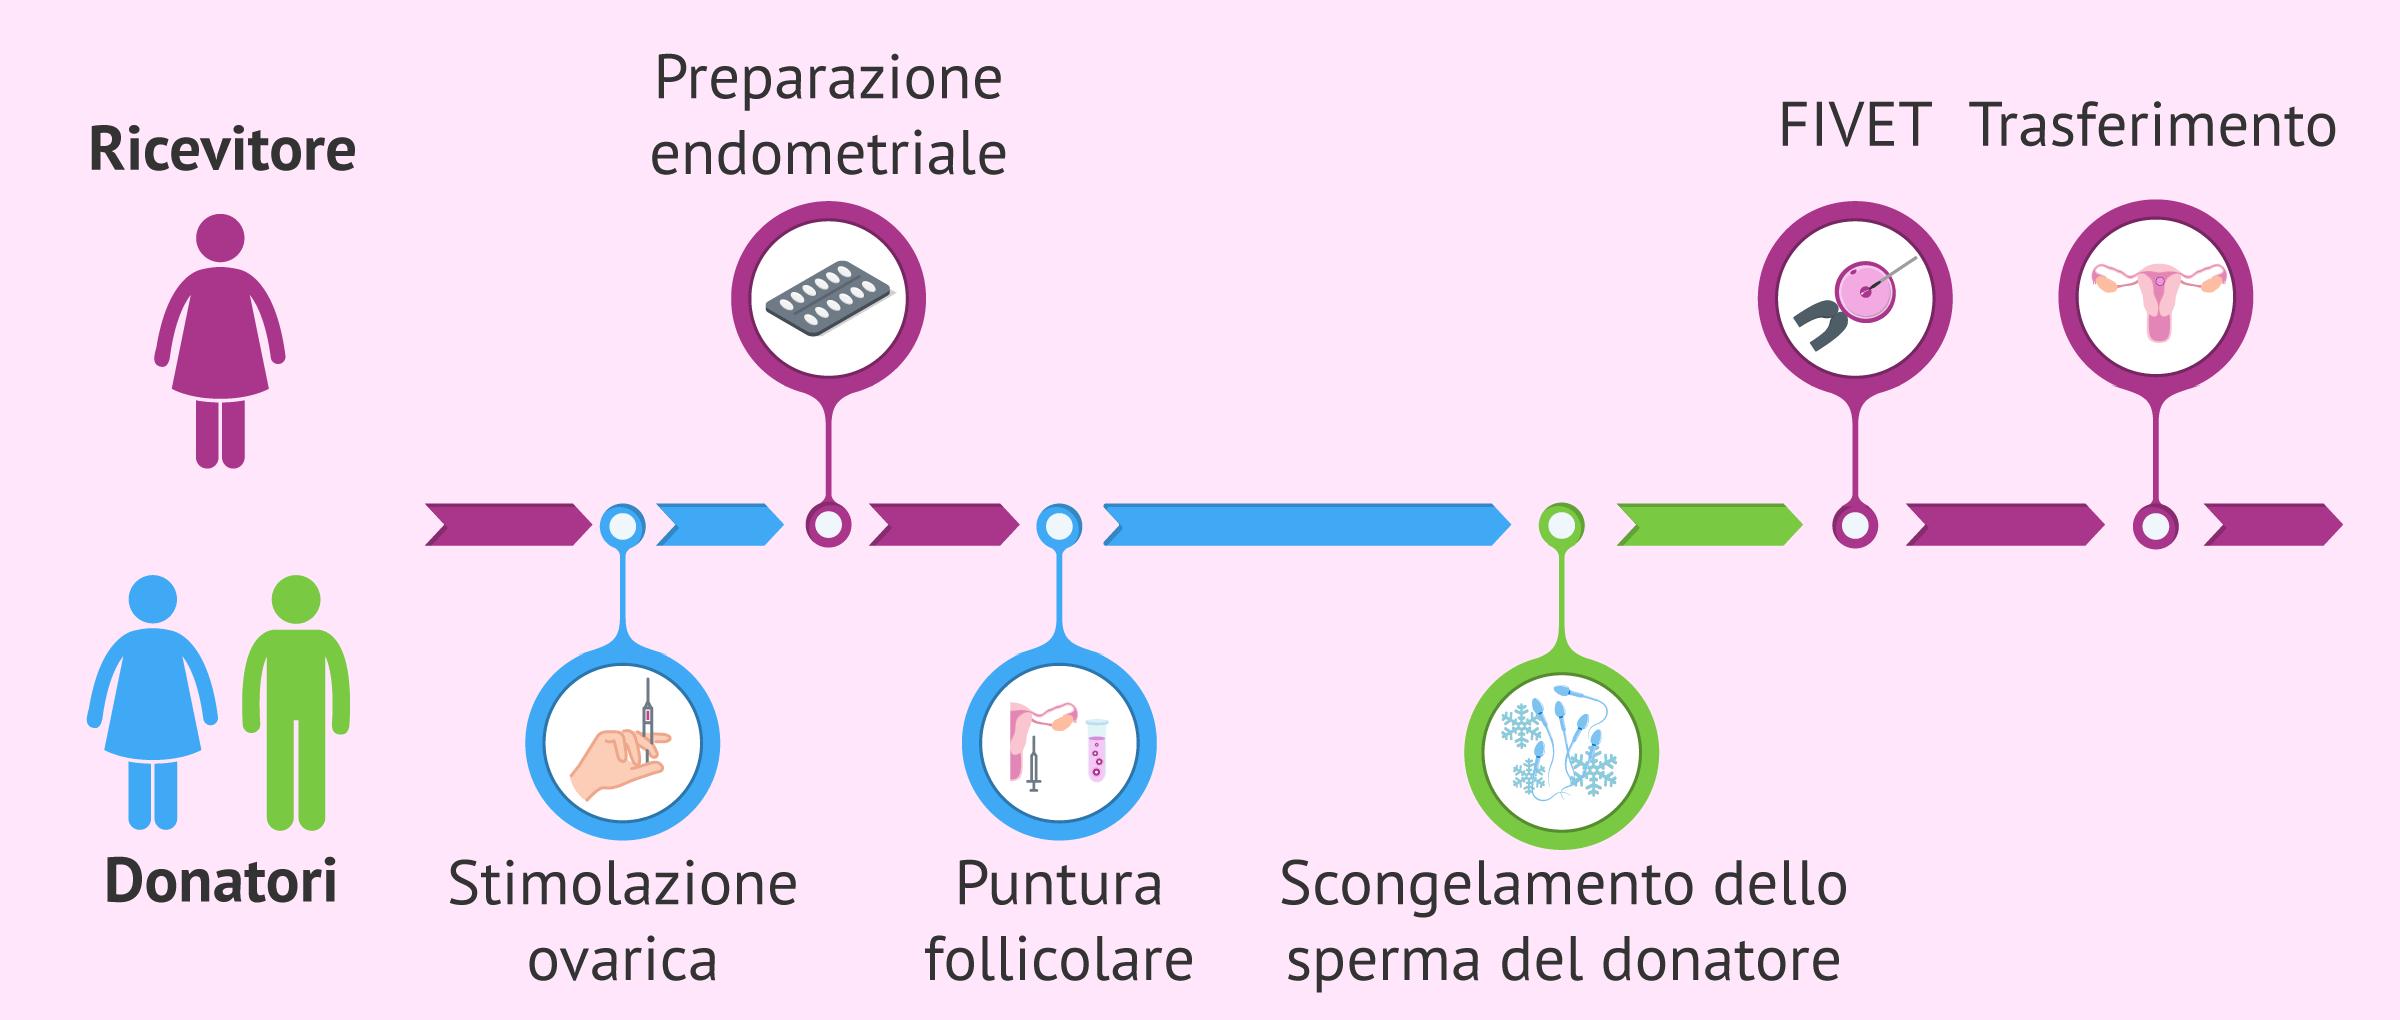 FIVET con donazione di ovuli e sperma: fasi del trattamento e prezzo